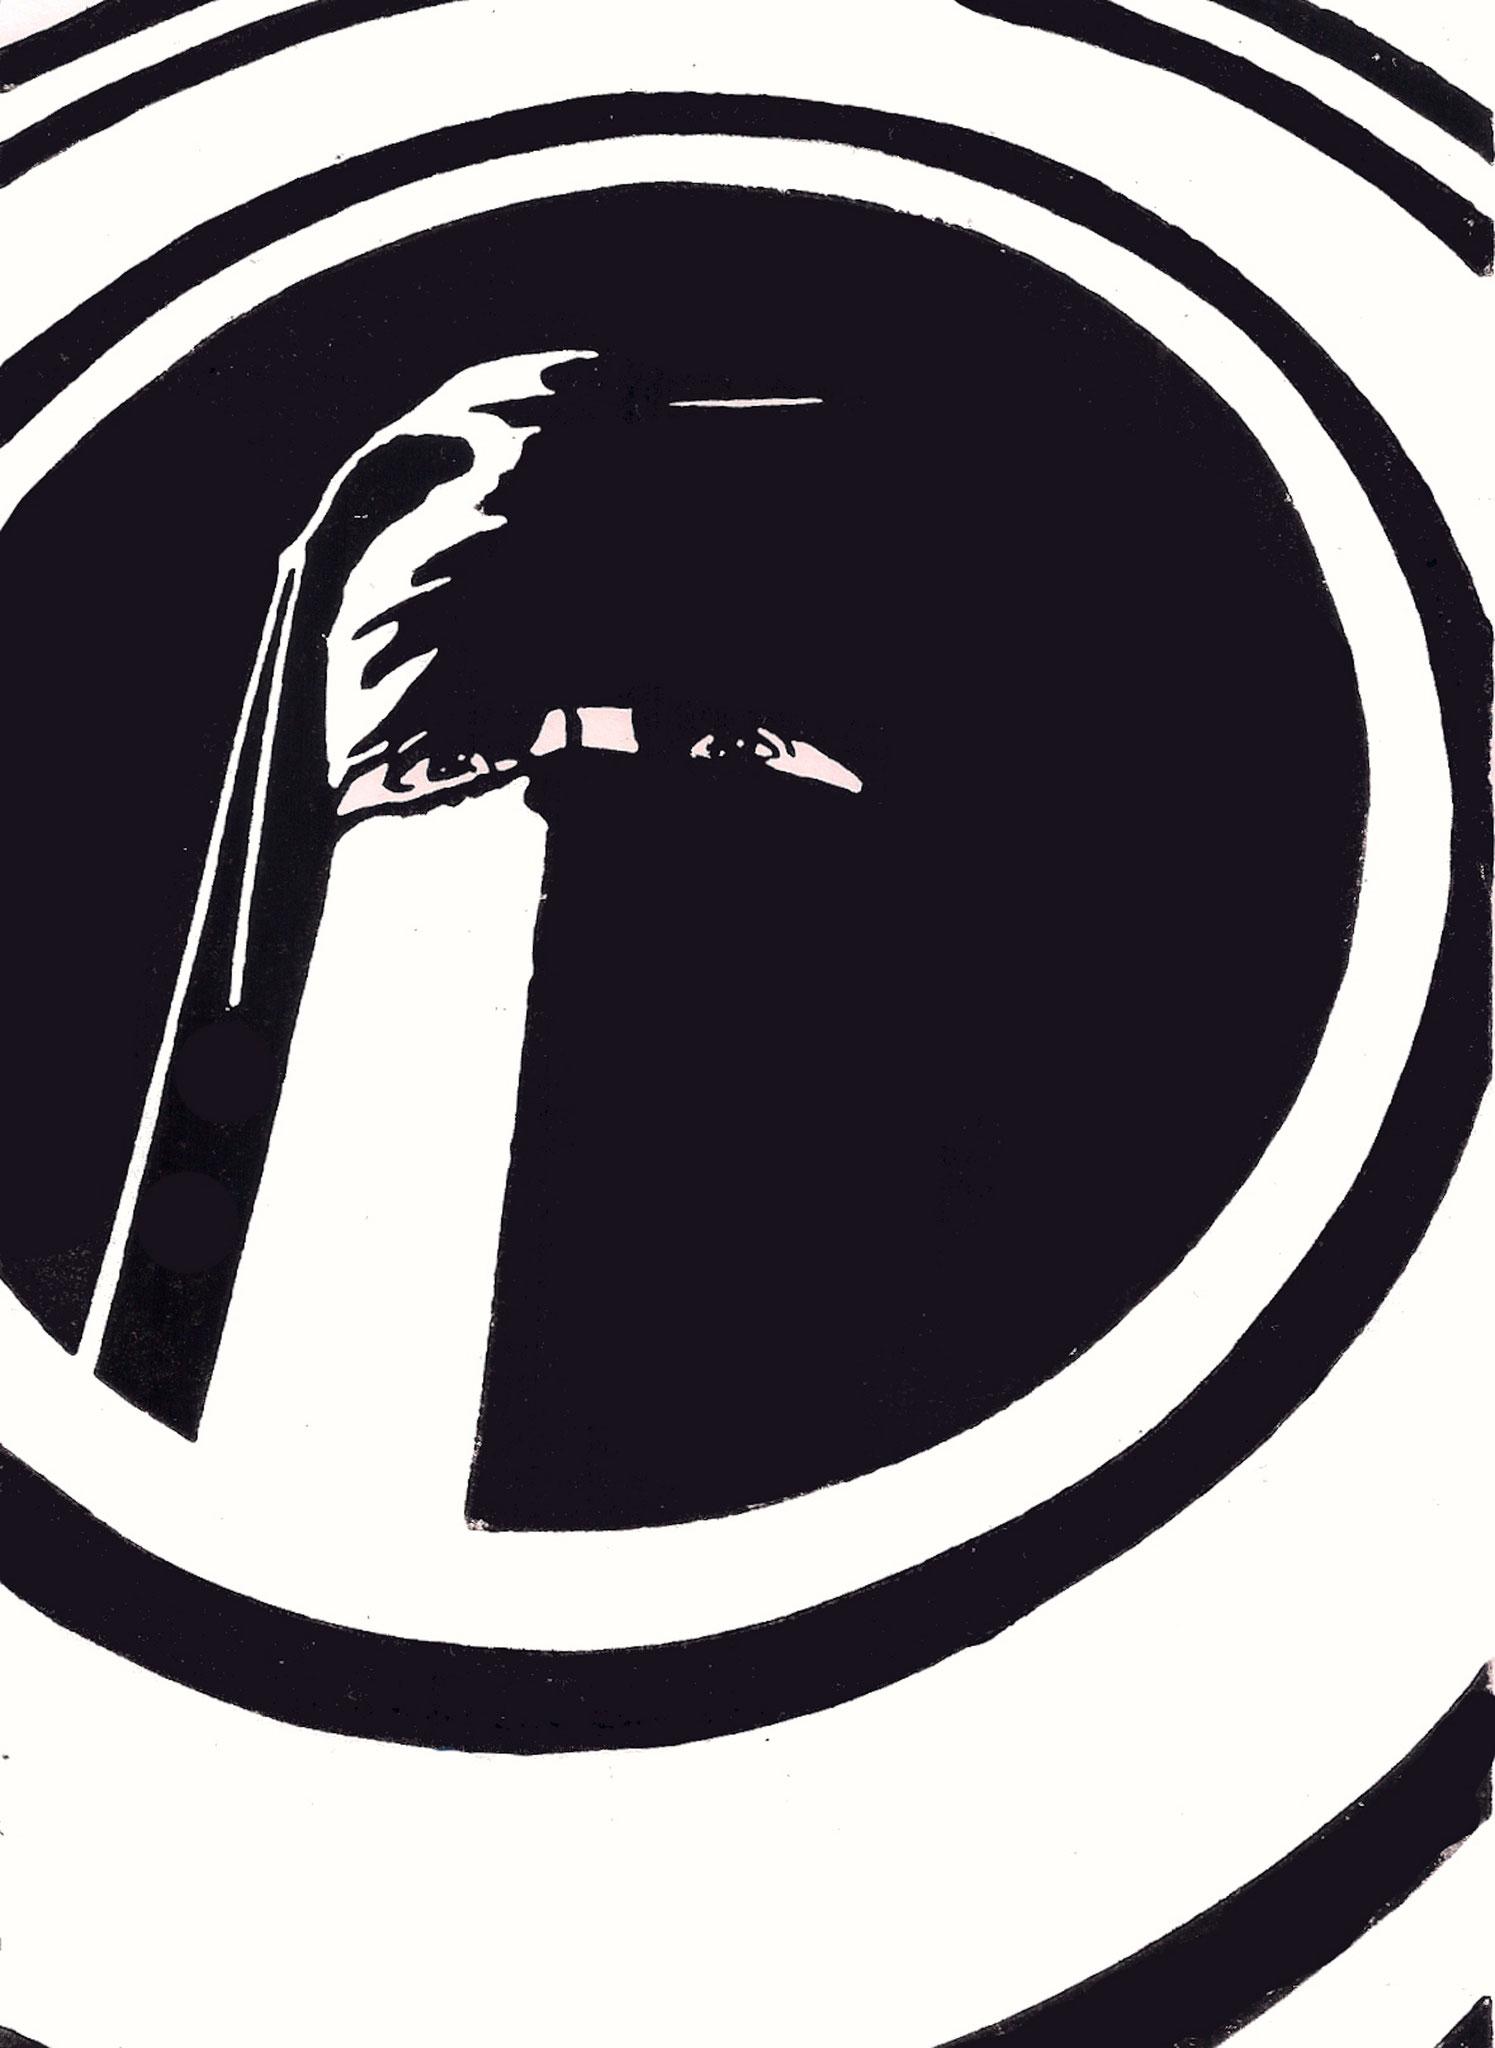 Unbekannte im Niqab, 03/11/2017, Edition 5, A5